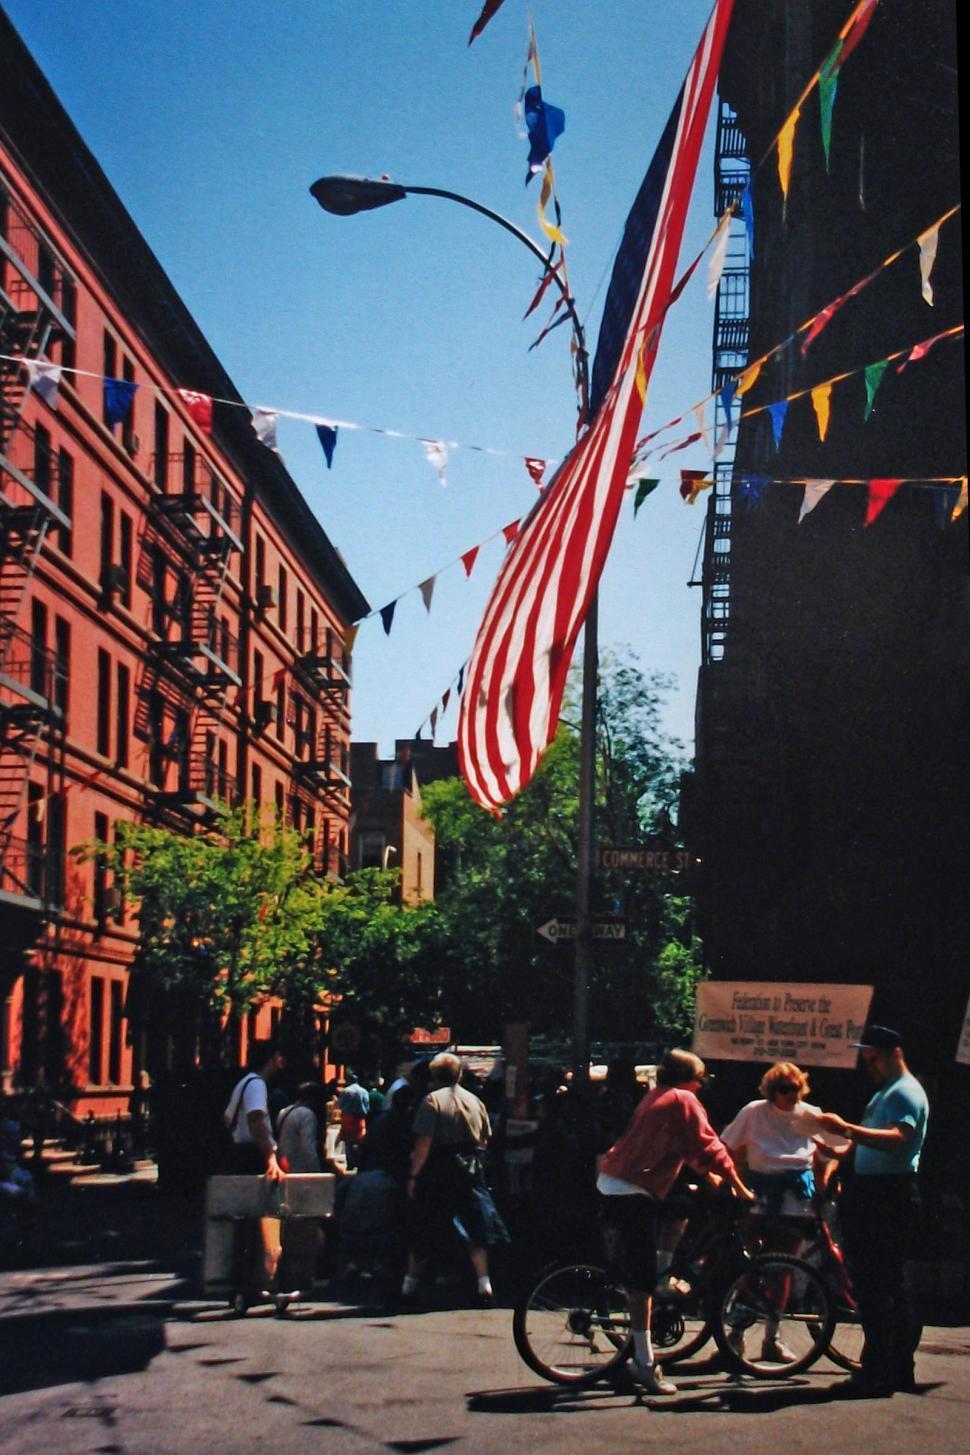 Download Free Stock HD Photo of Greenwich Village street scene Online